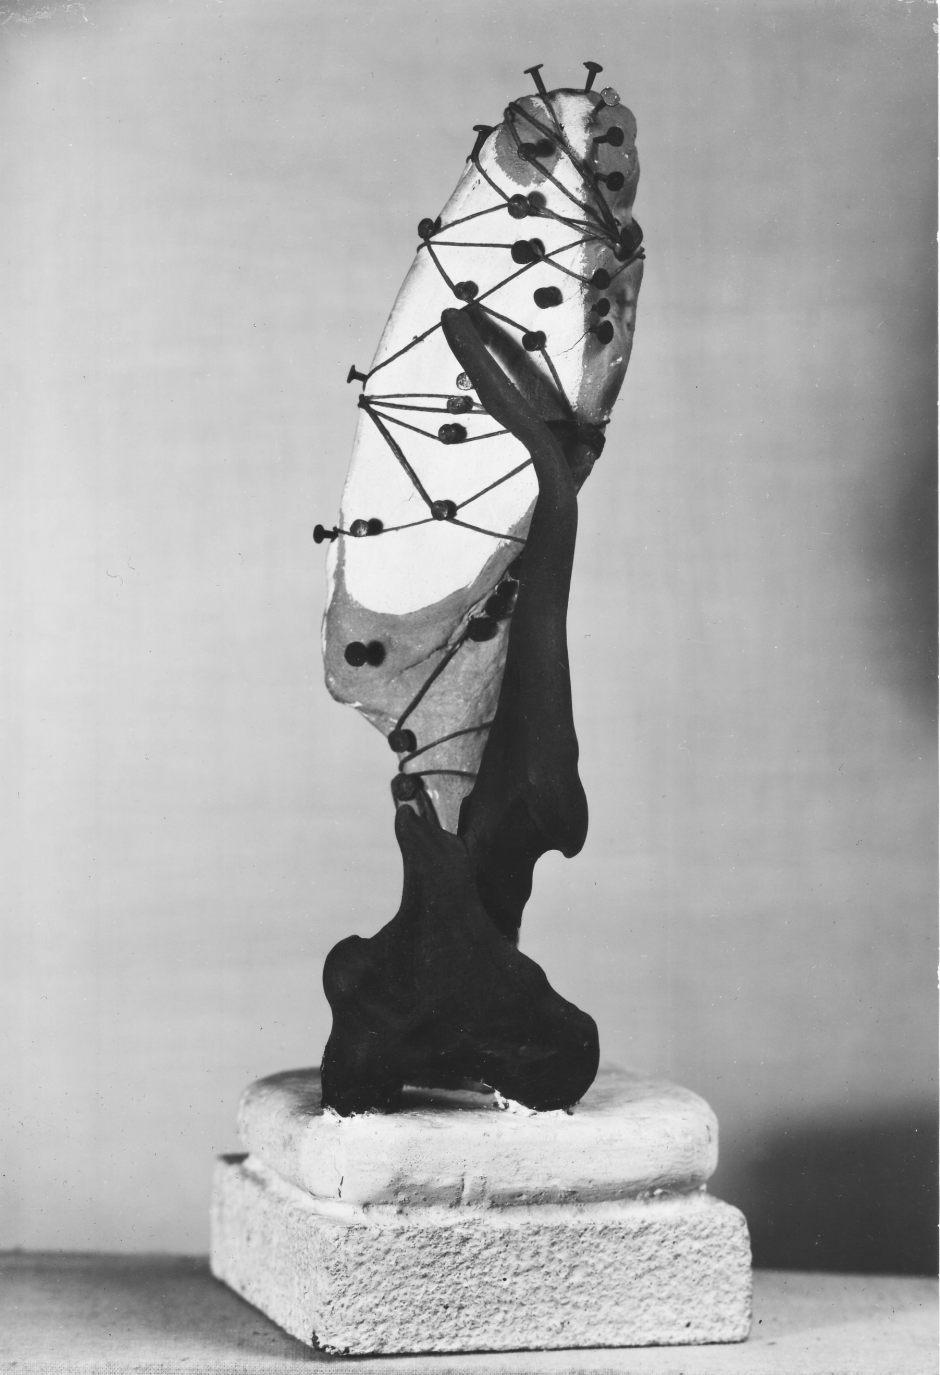 Wolfgang Paalen, Objet fait avec racine, 1933